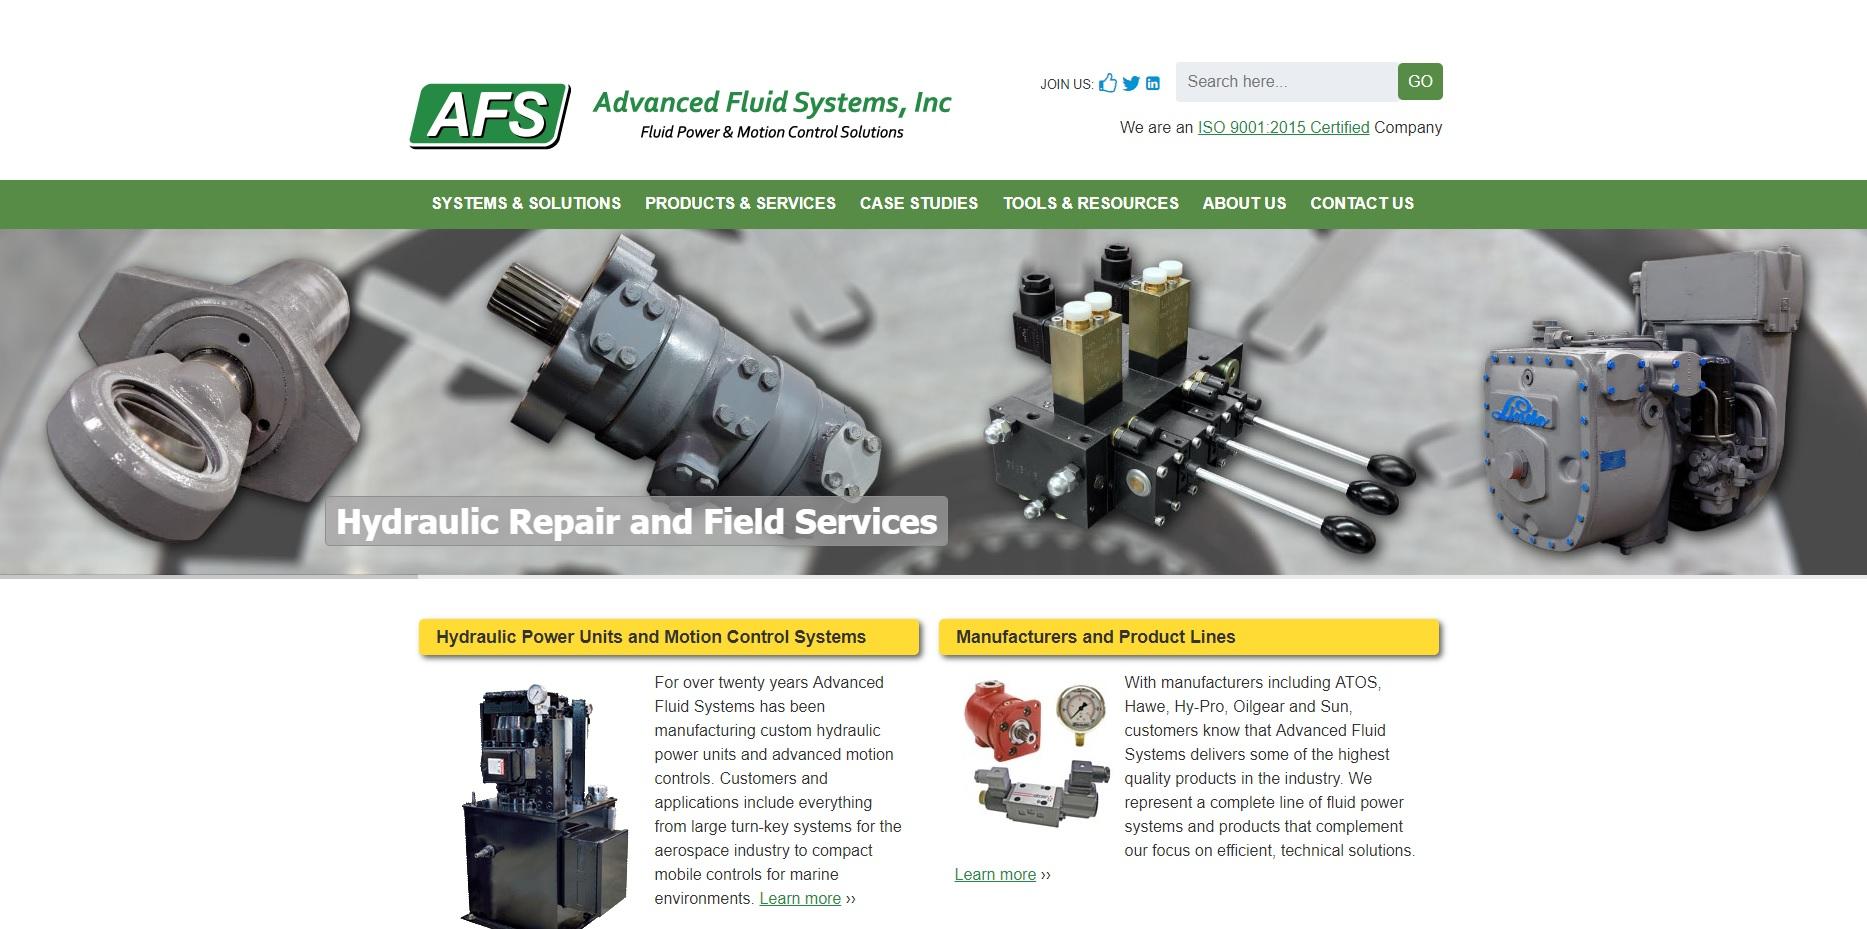 Advanced Fluid Systems, Inc.